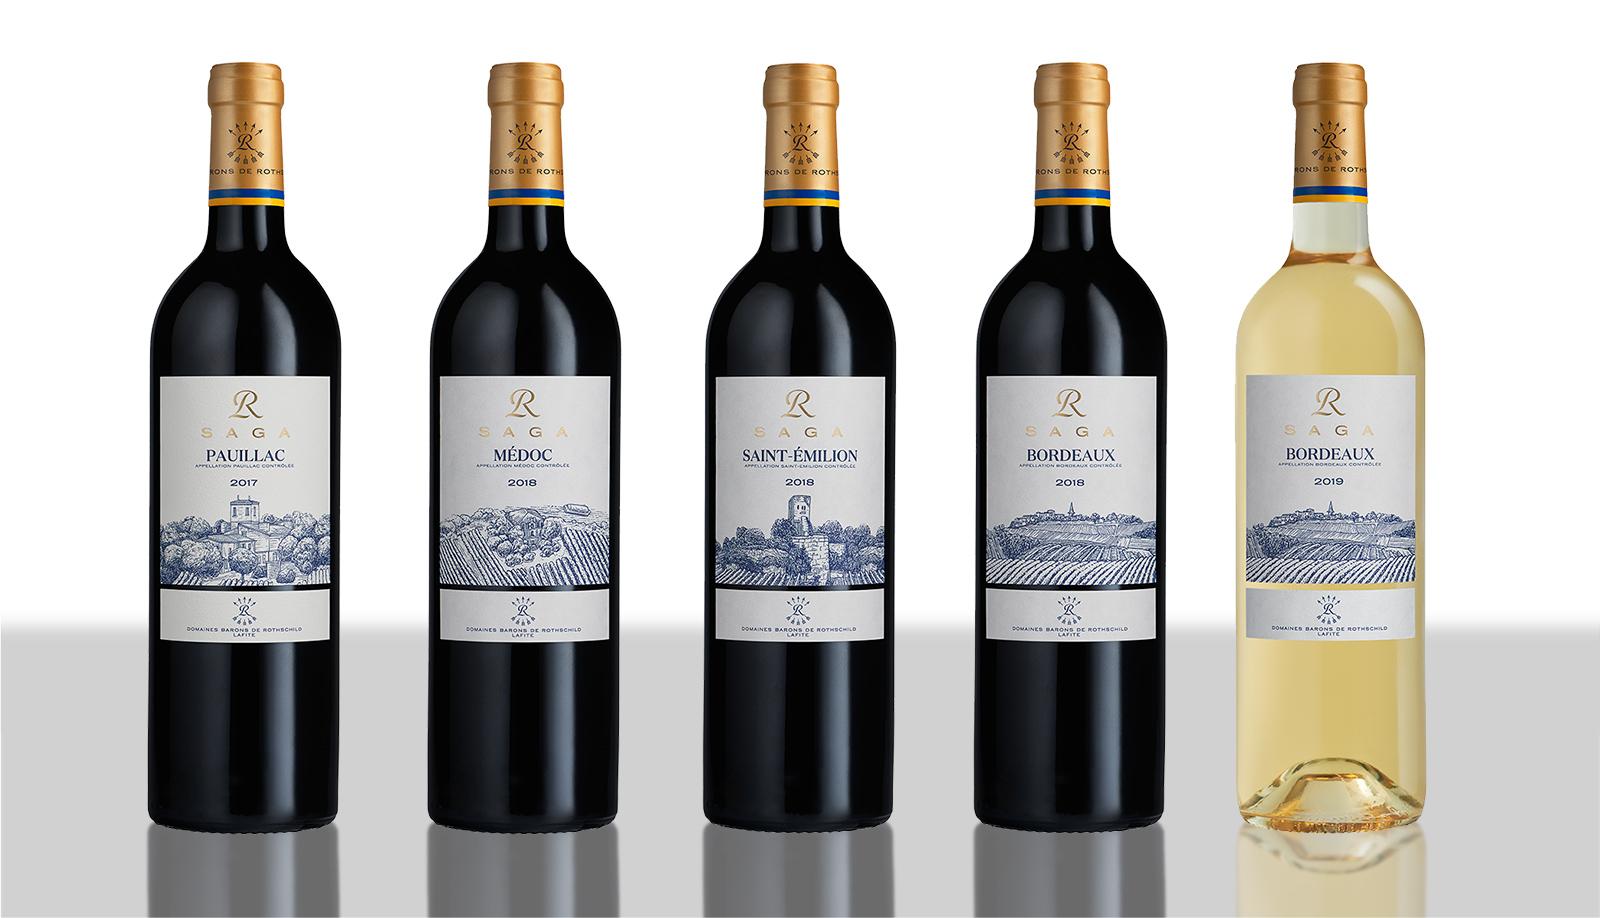 Photographe de packshots bouteilles de vin